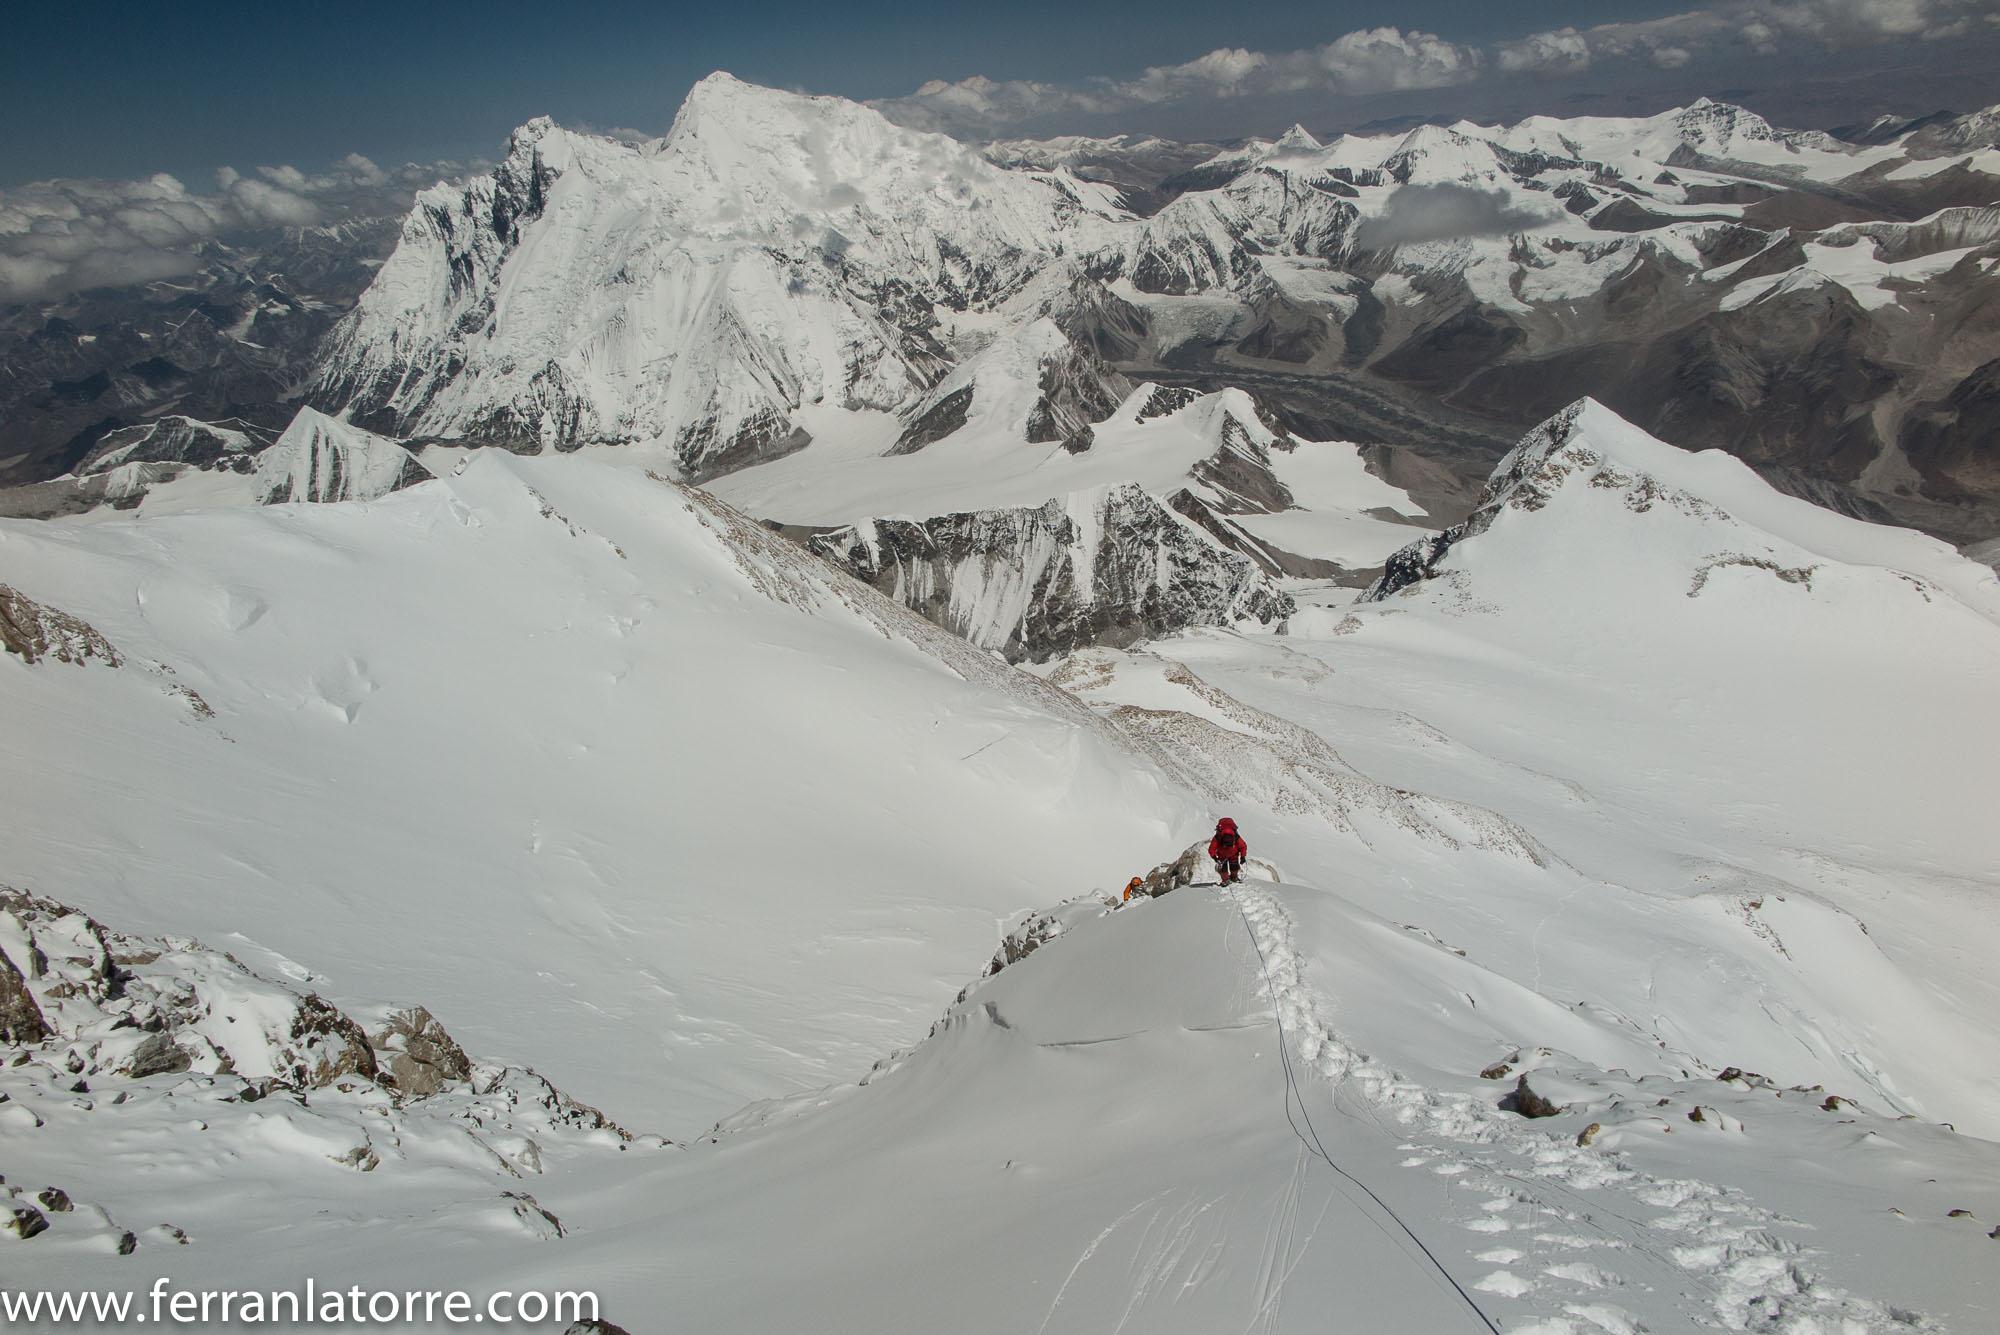 013-Arribant a l'aresta. Everest al fons